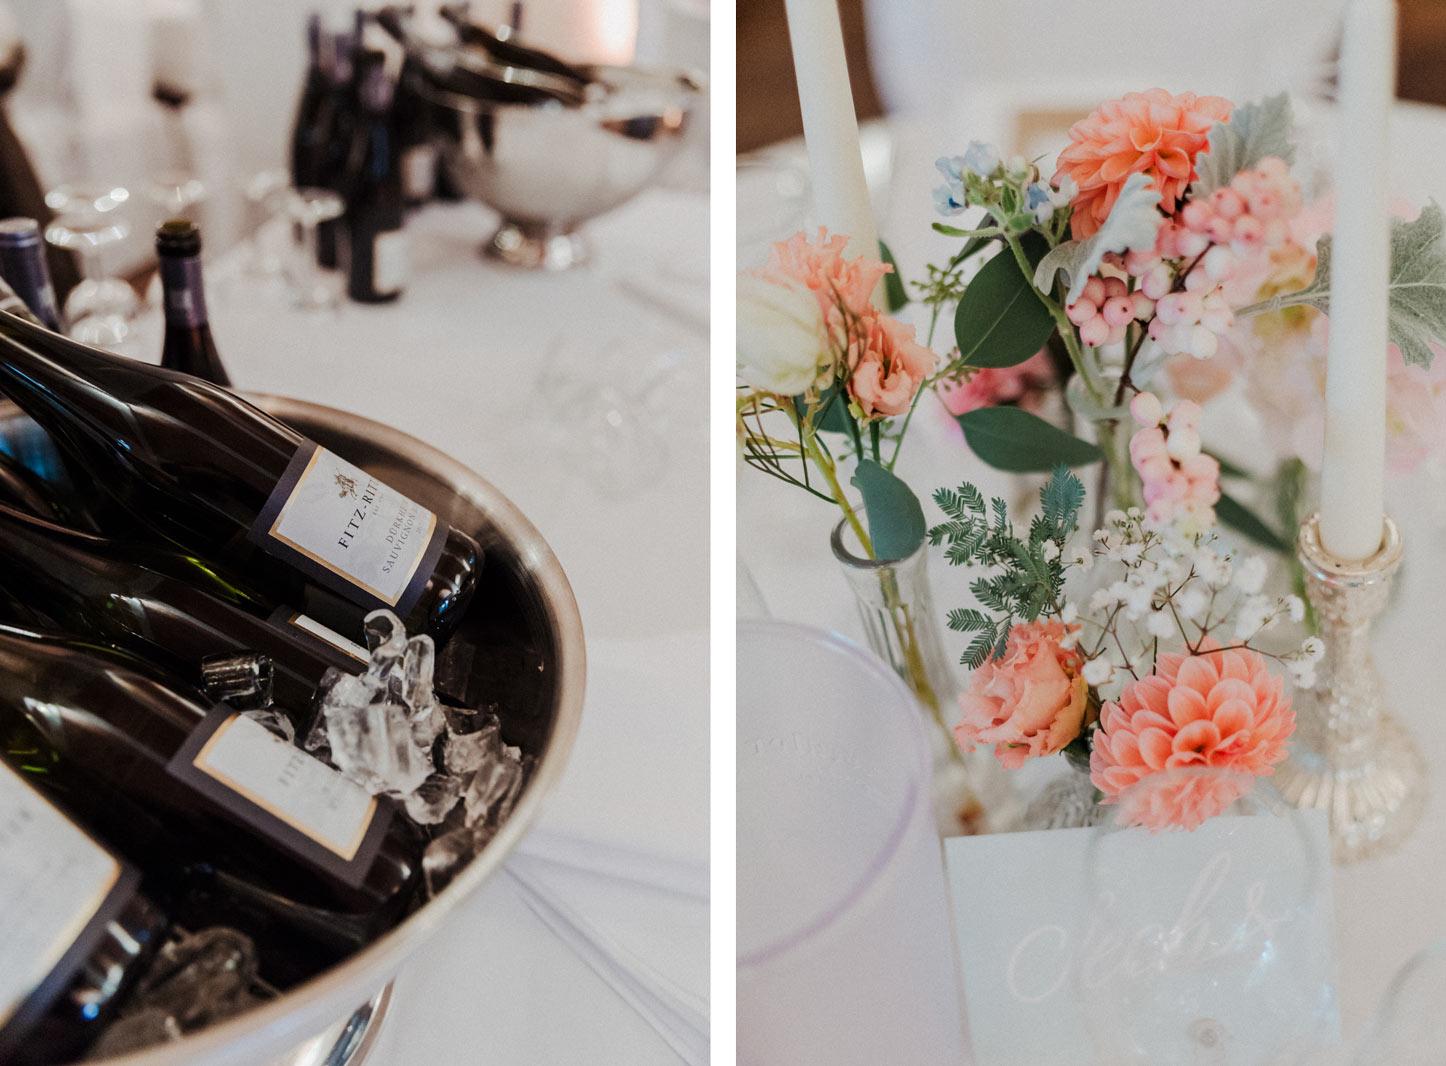 Hochzeitsdekoration in pastell Tönen